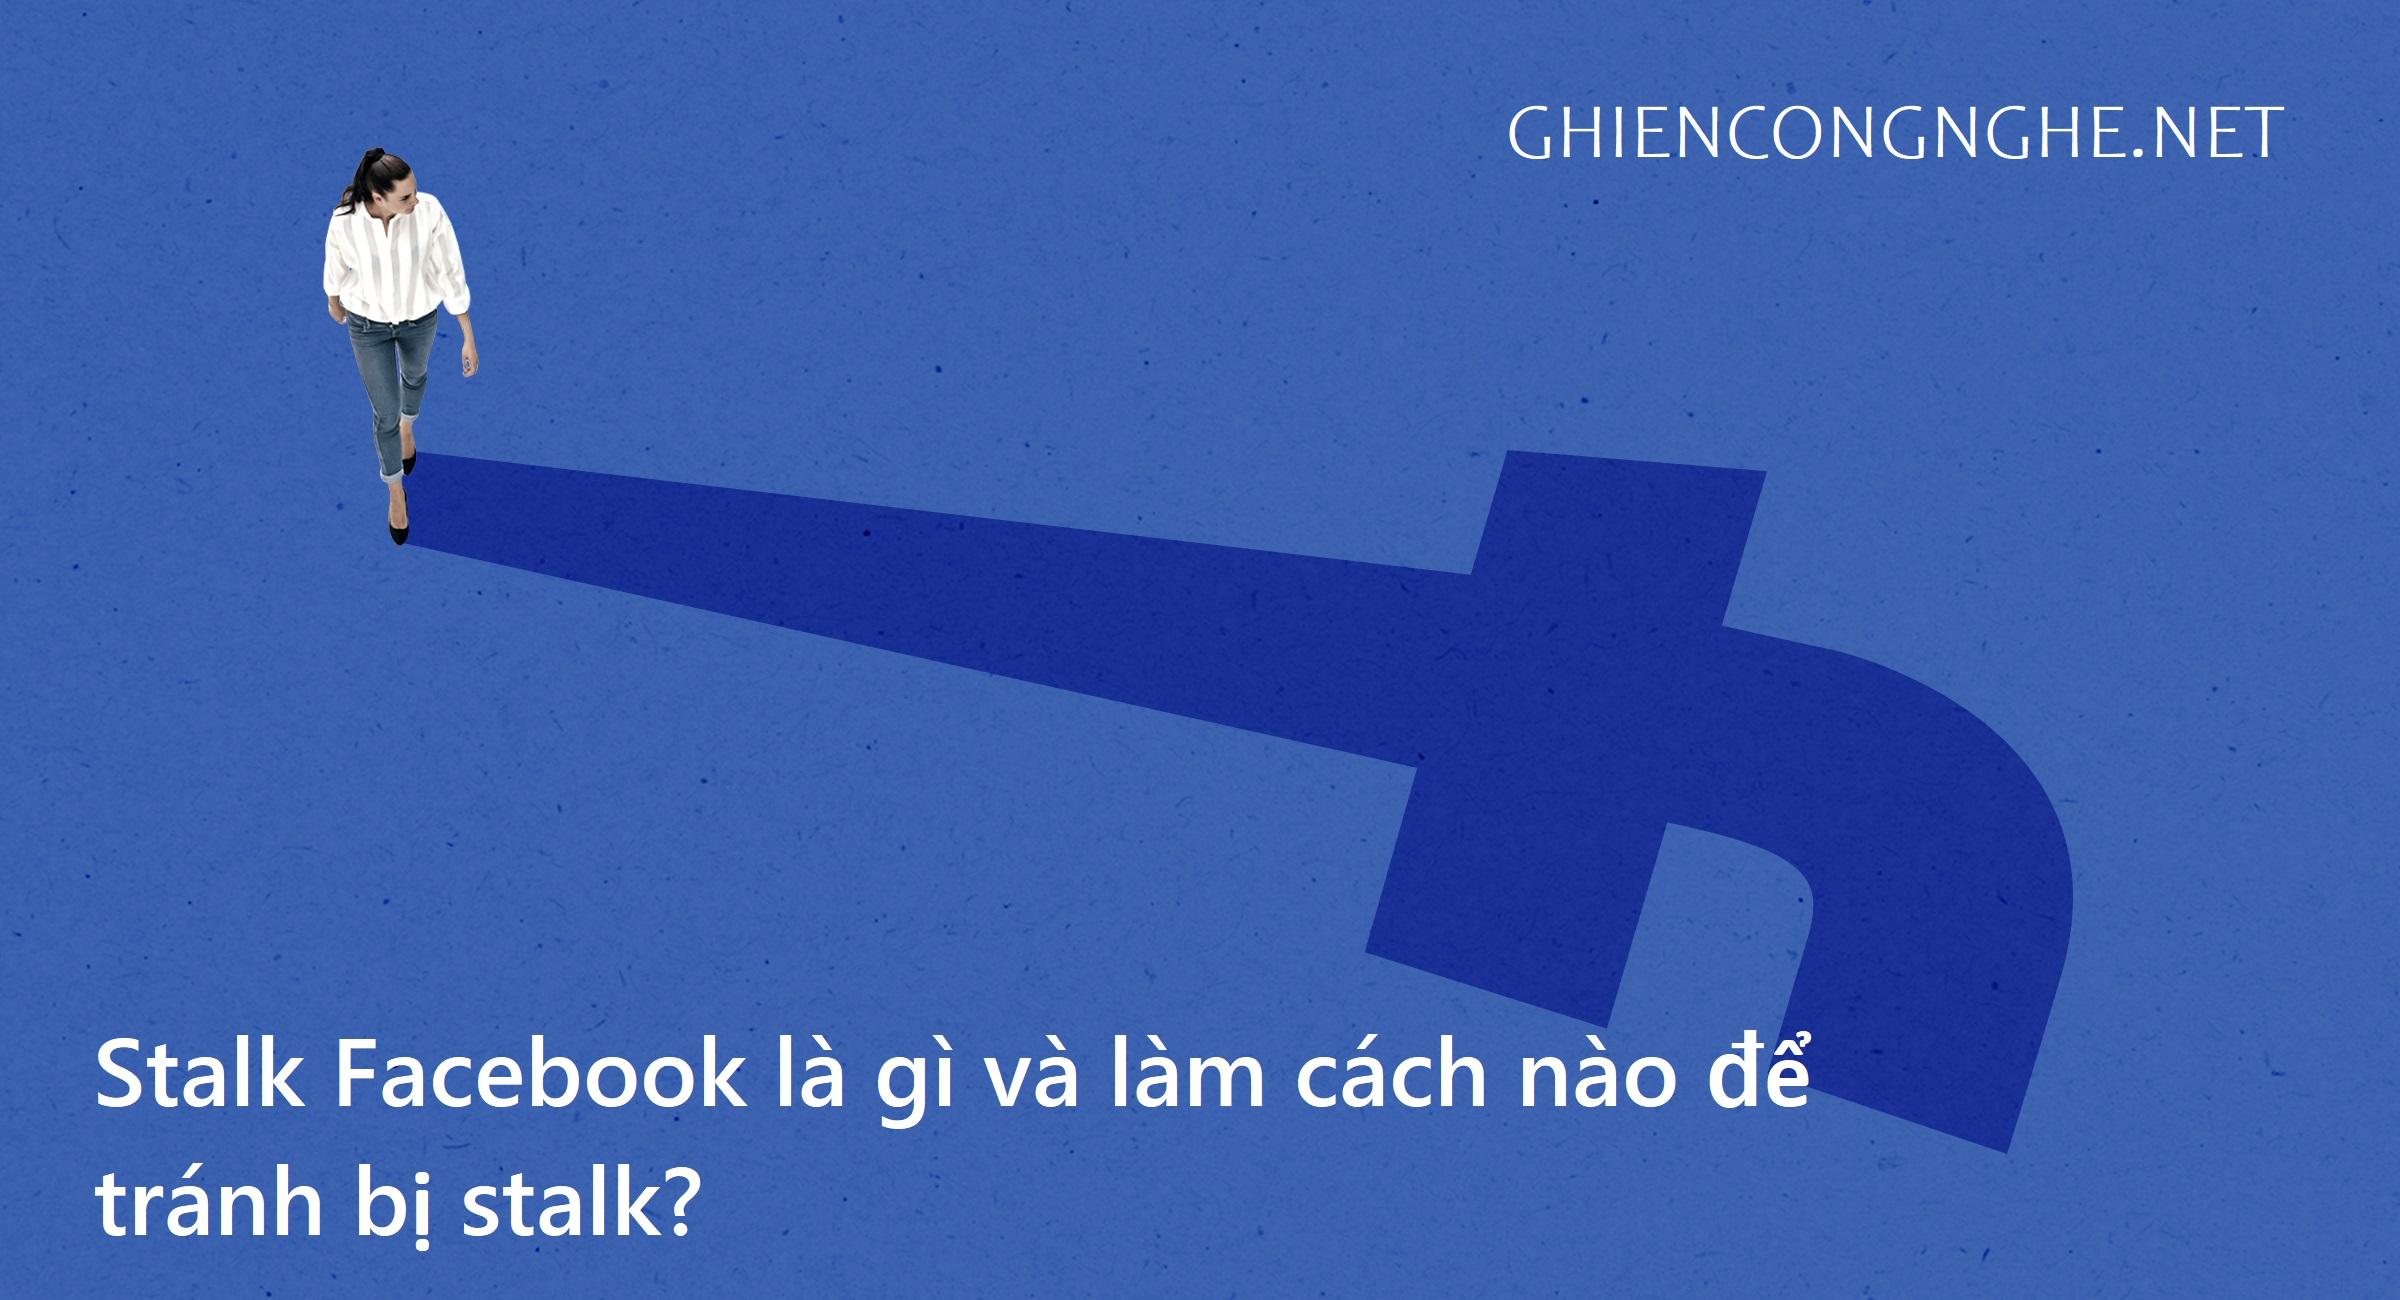 Stalk Facebook là gì, làm cách nào để tránh bị stalk? 1